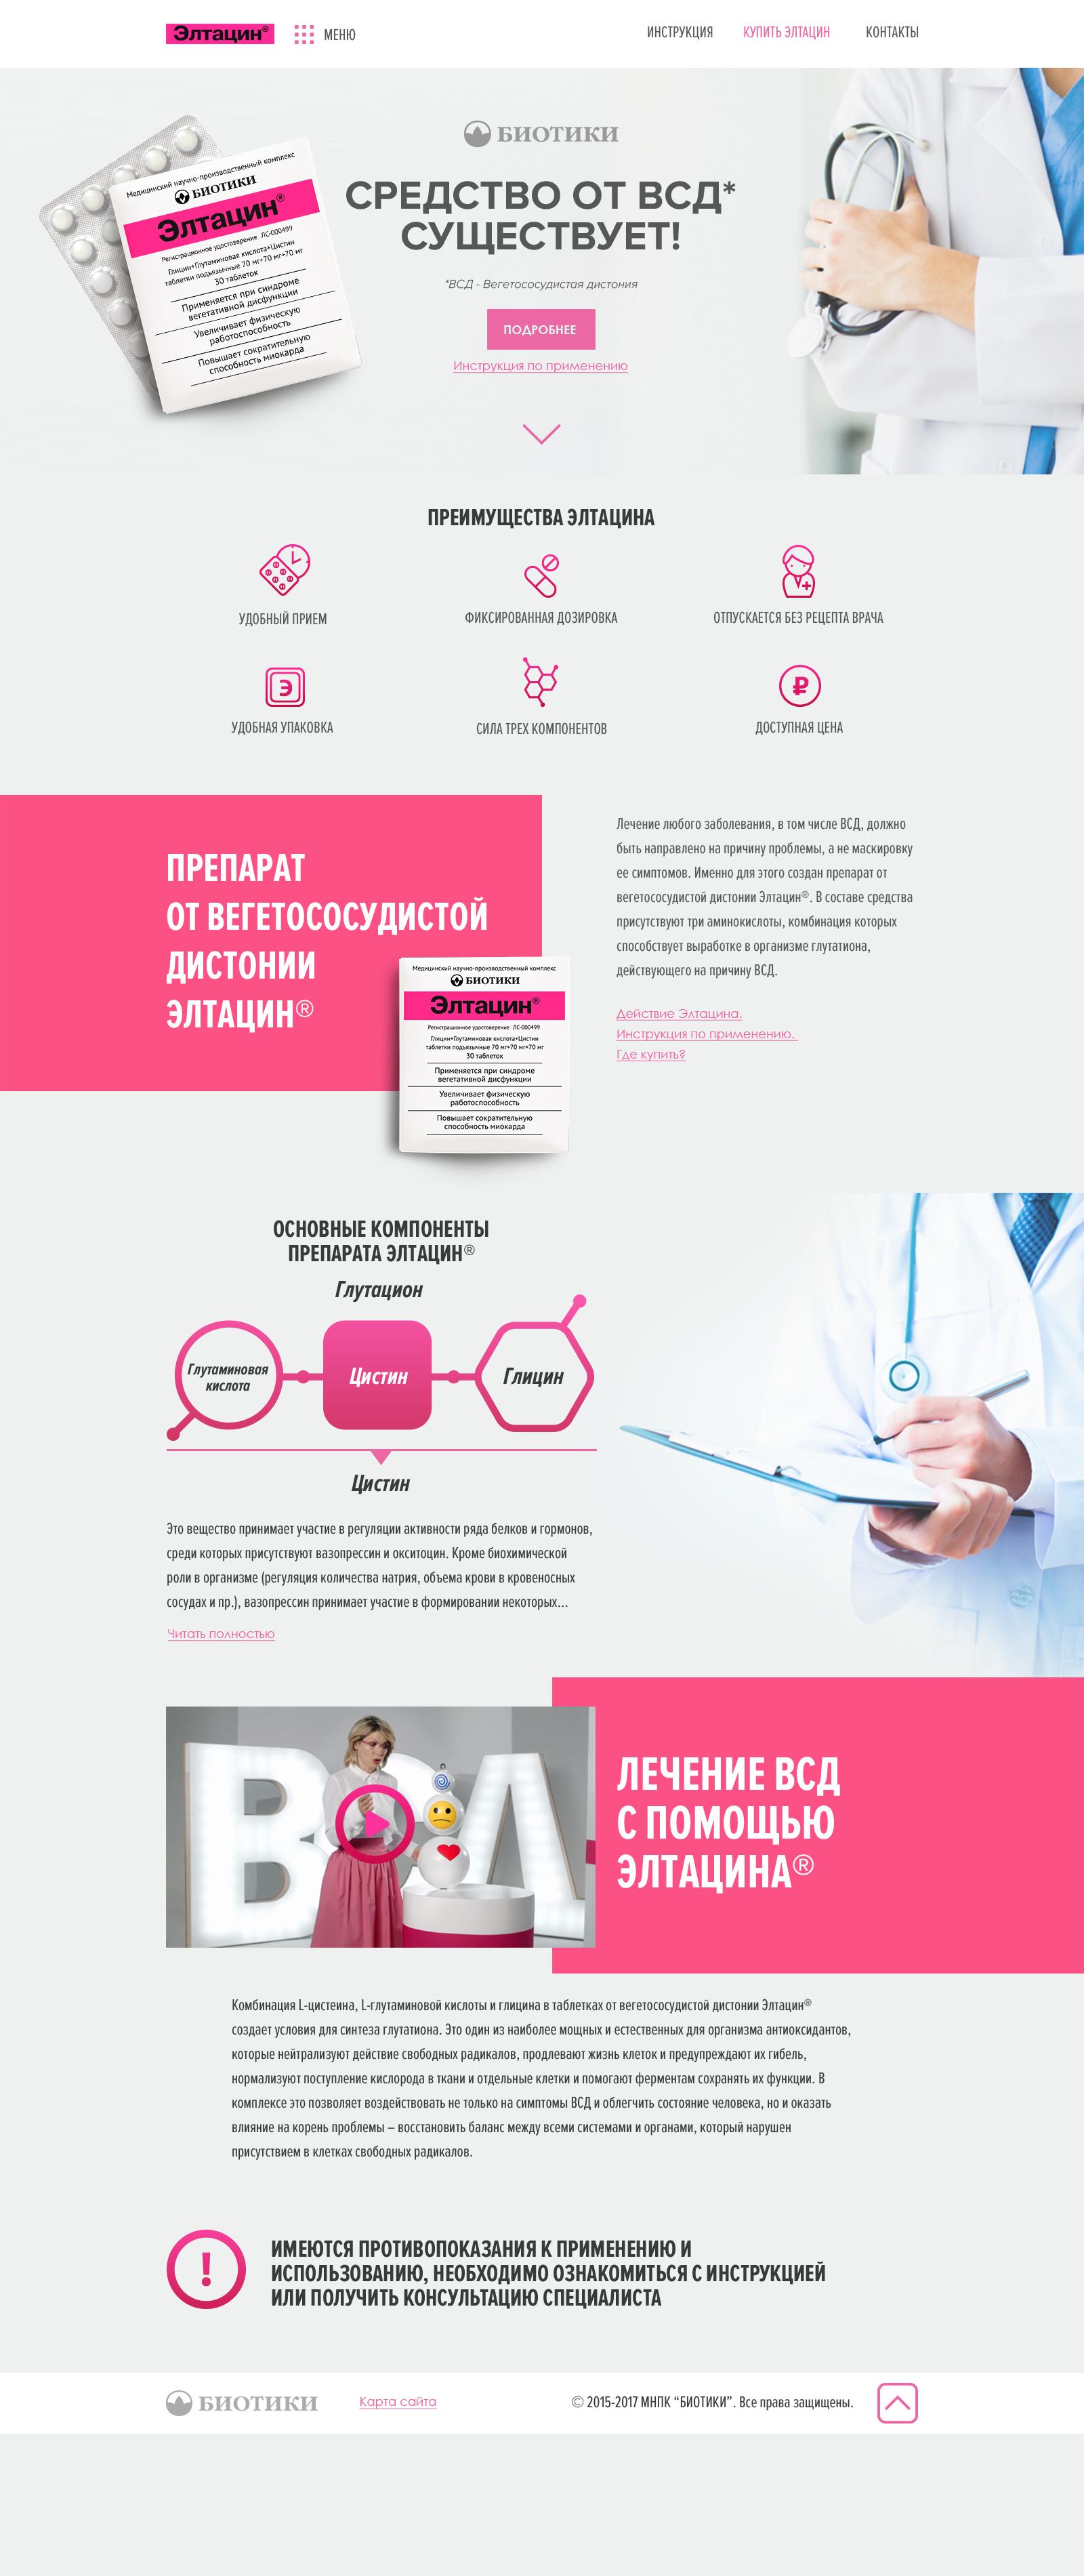 Дизайн главной страницы сайта лекарственного препарата фото f_3535c8a2eef8f506.jpg